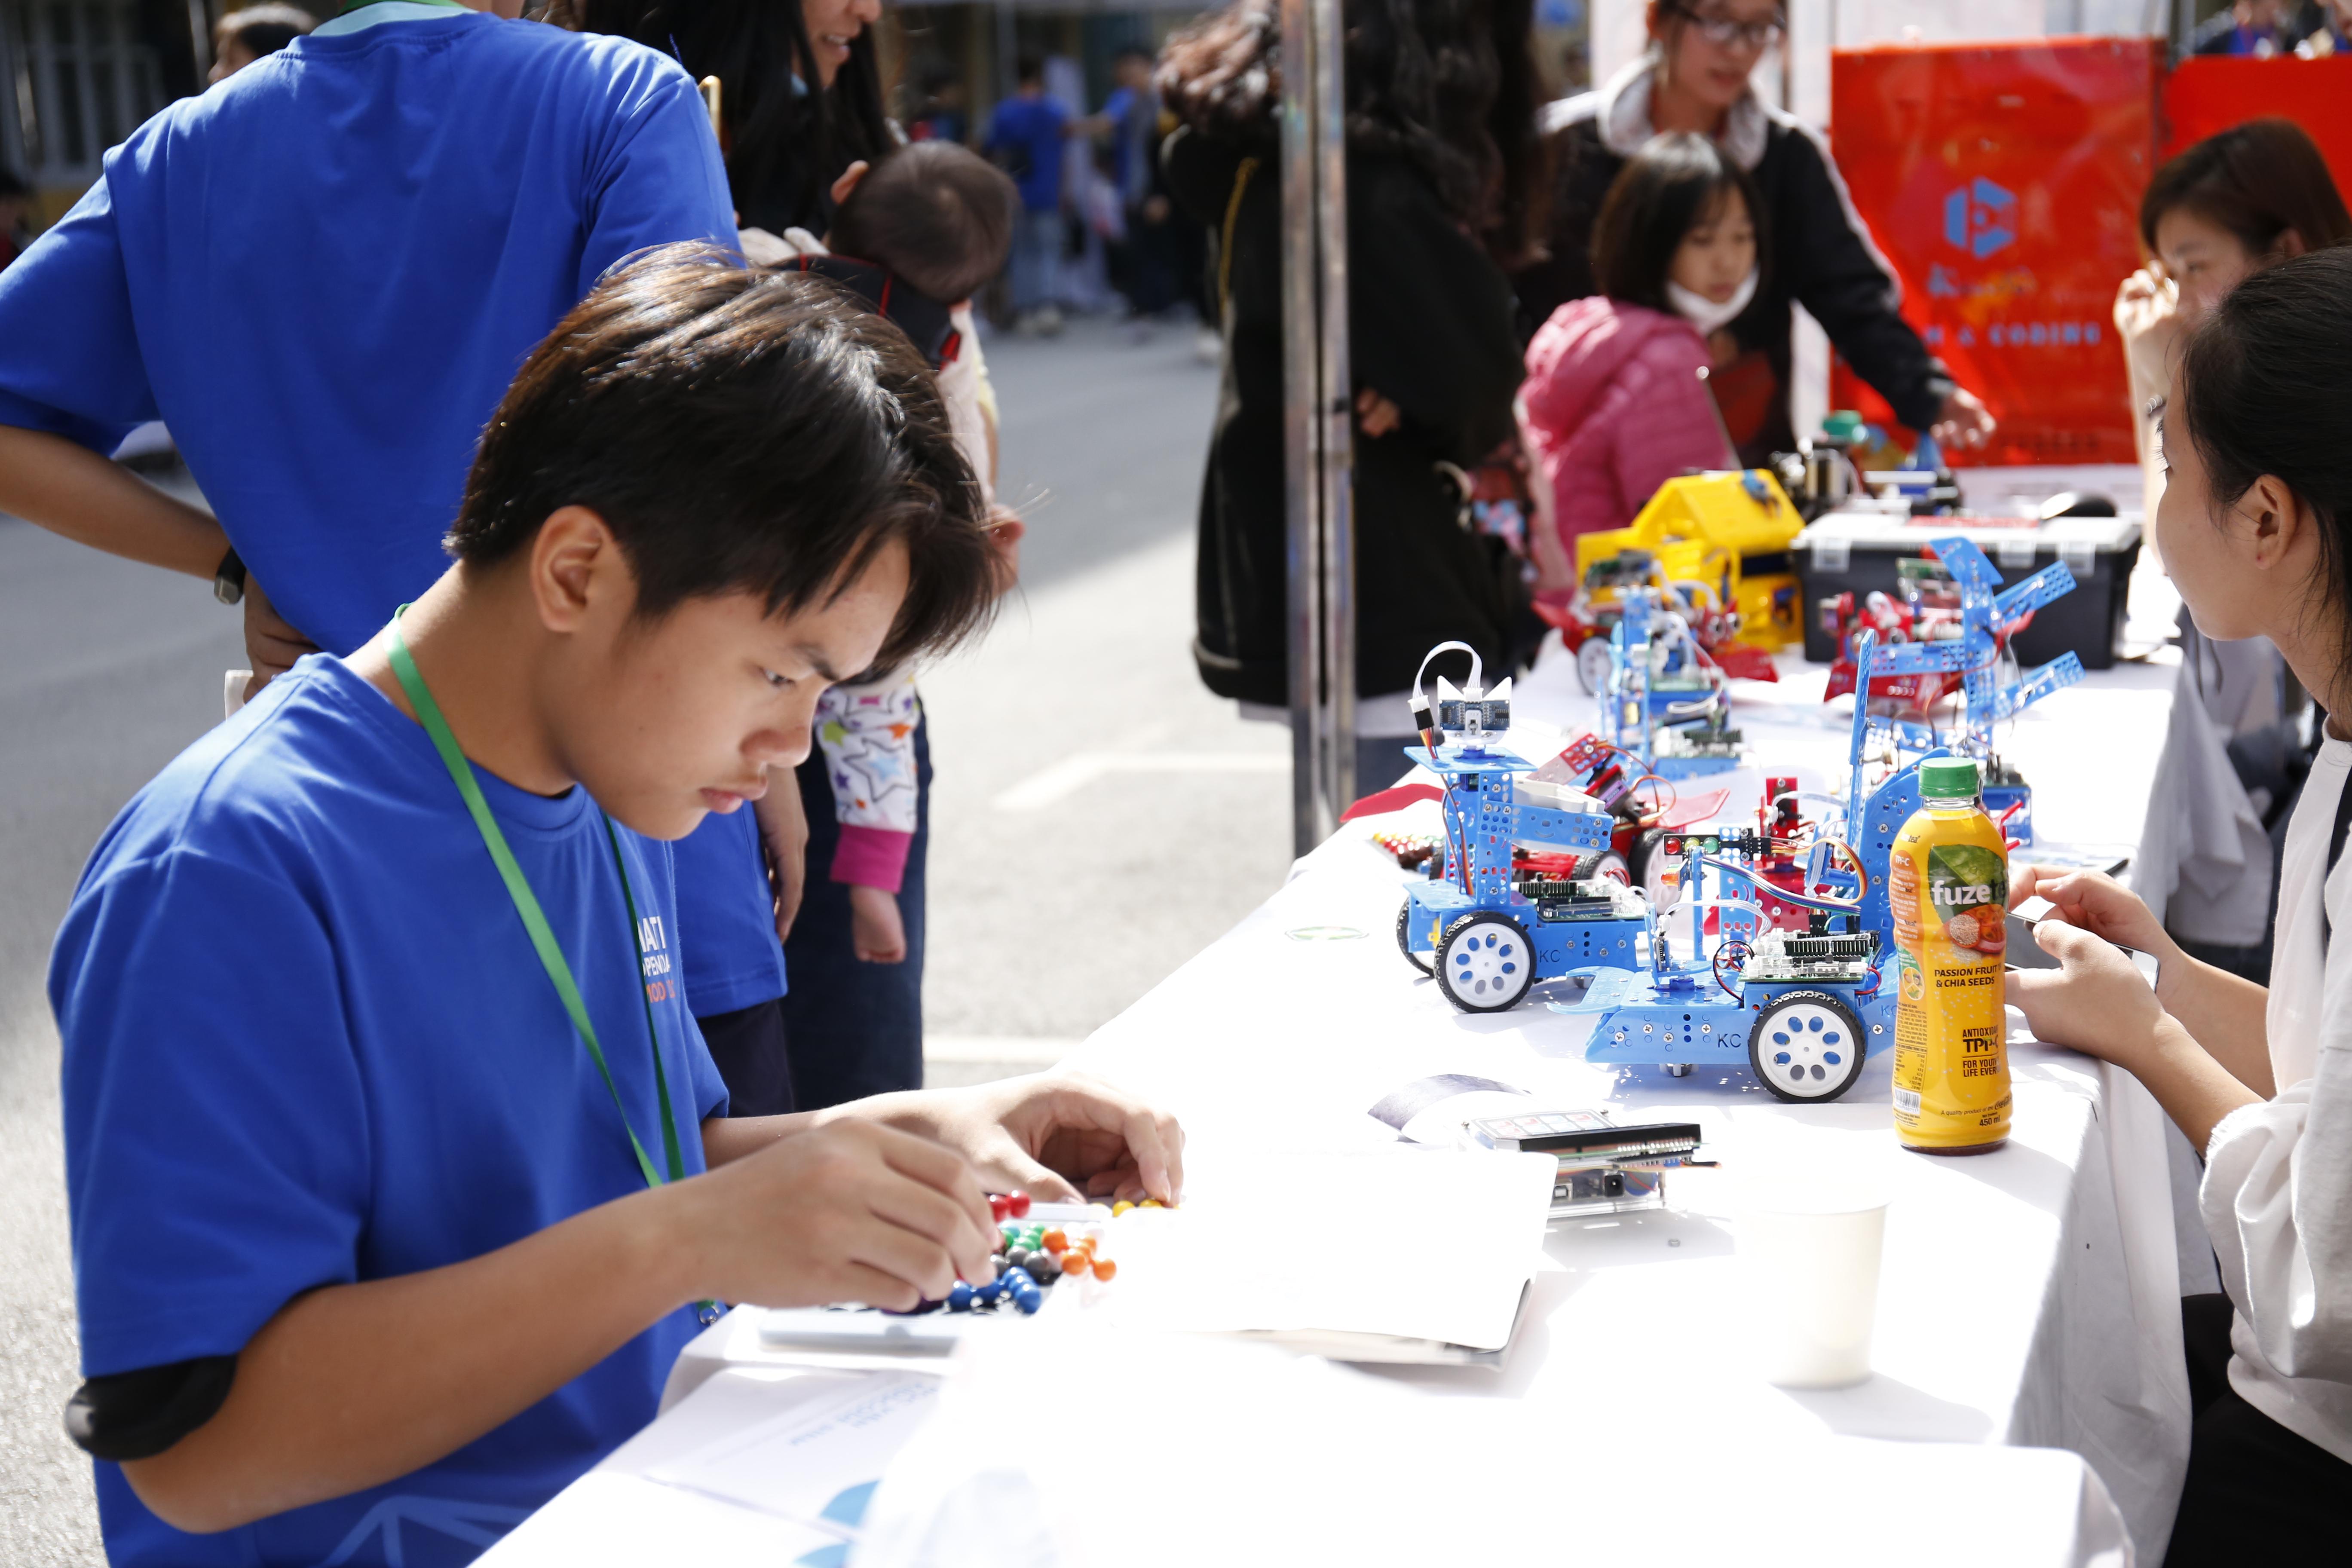 """Các robot được lập trình tự động của Học viện Kidscode. Đây là sản phẩm của những học viên ở Học viện Kidscode. """"Sản phẩm trưng bày ở đây để mọi người tham quan khám phá, nếu mọi người muốn tìm hiểu thêm về việc lập trình thì mọi người có thể sang bên trung tâm để tham quan"""", theo người phụ trách gian hàng của Kidscode."""